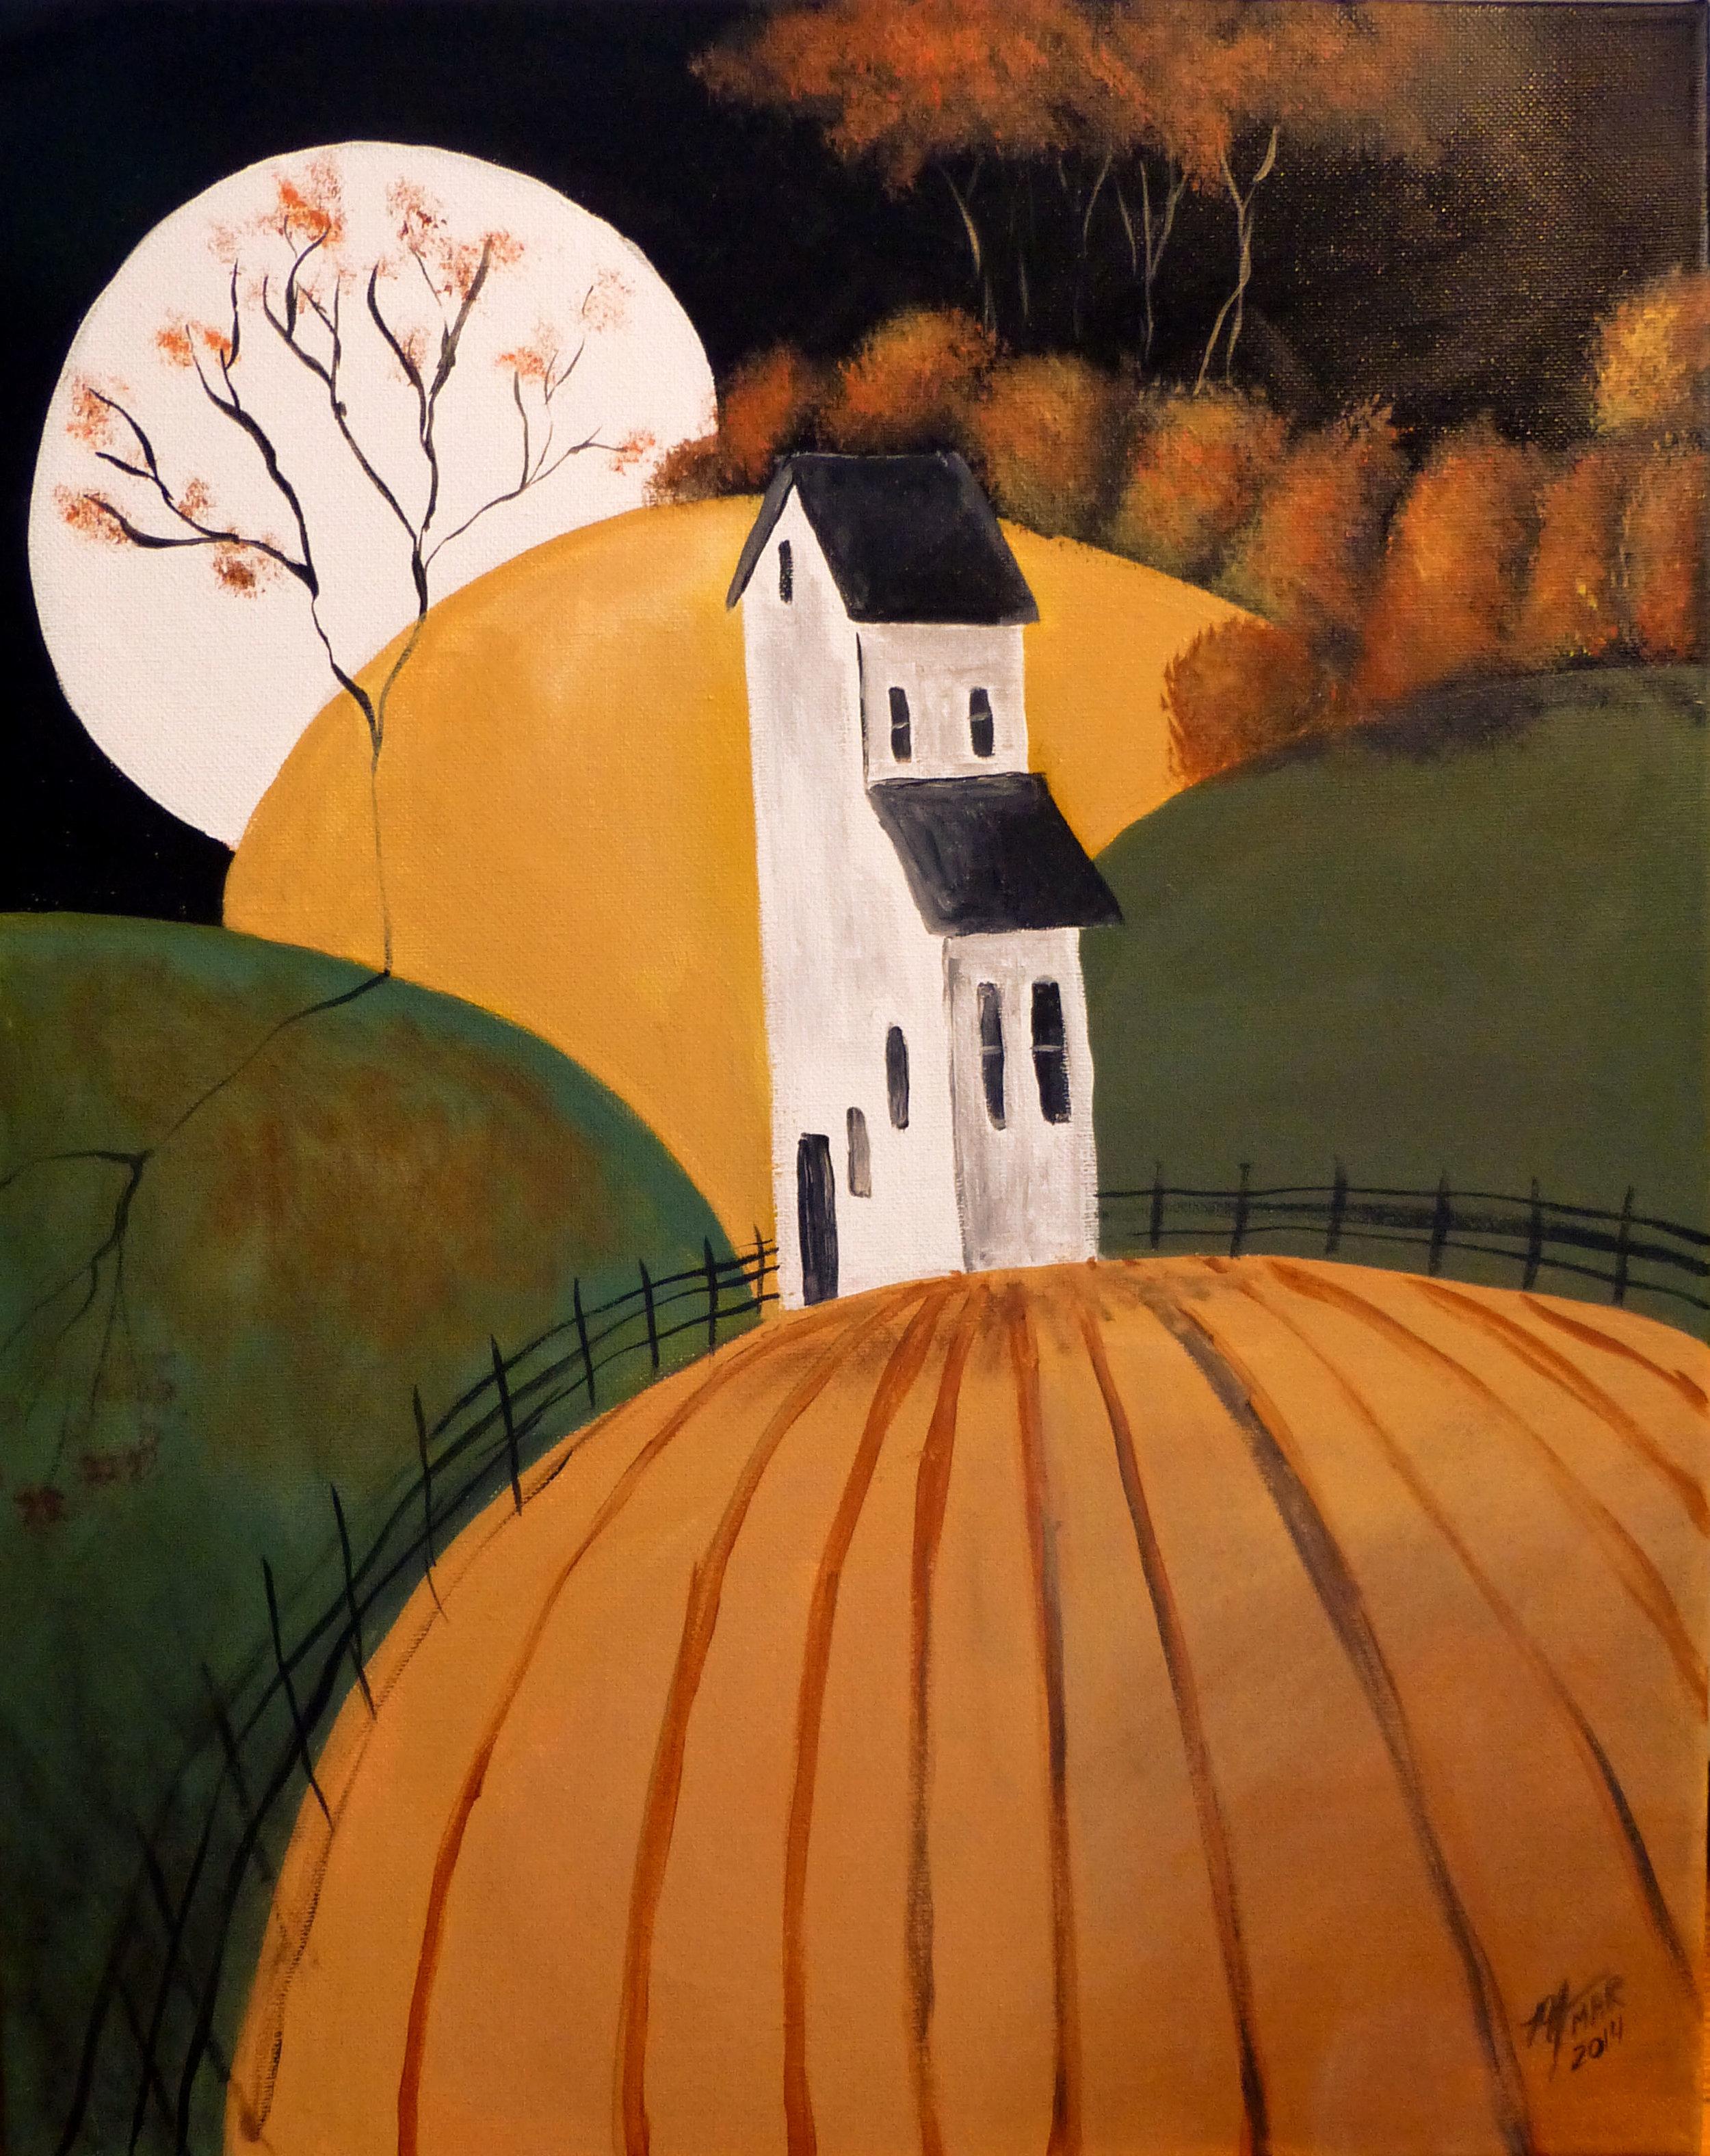 Farm House on Autumn Hills